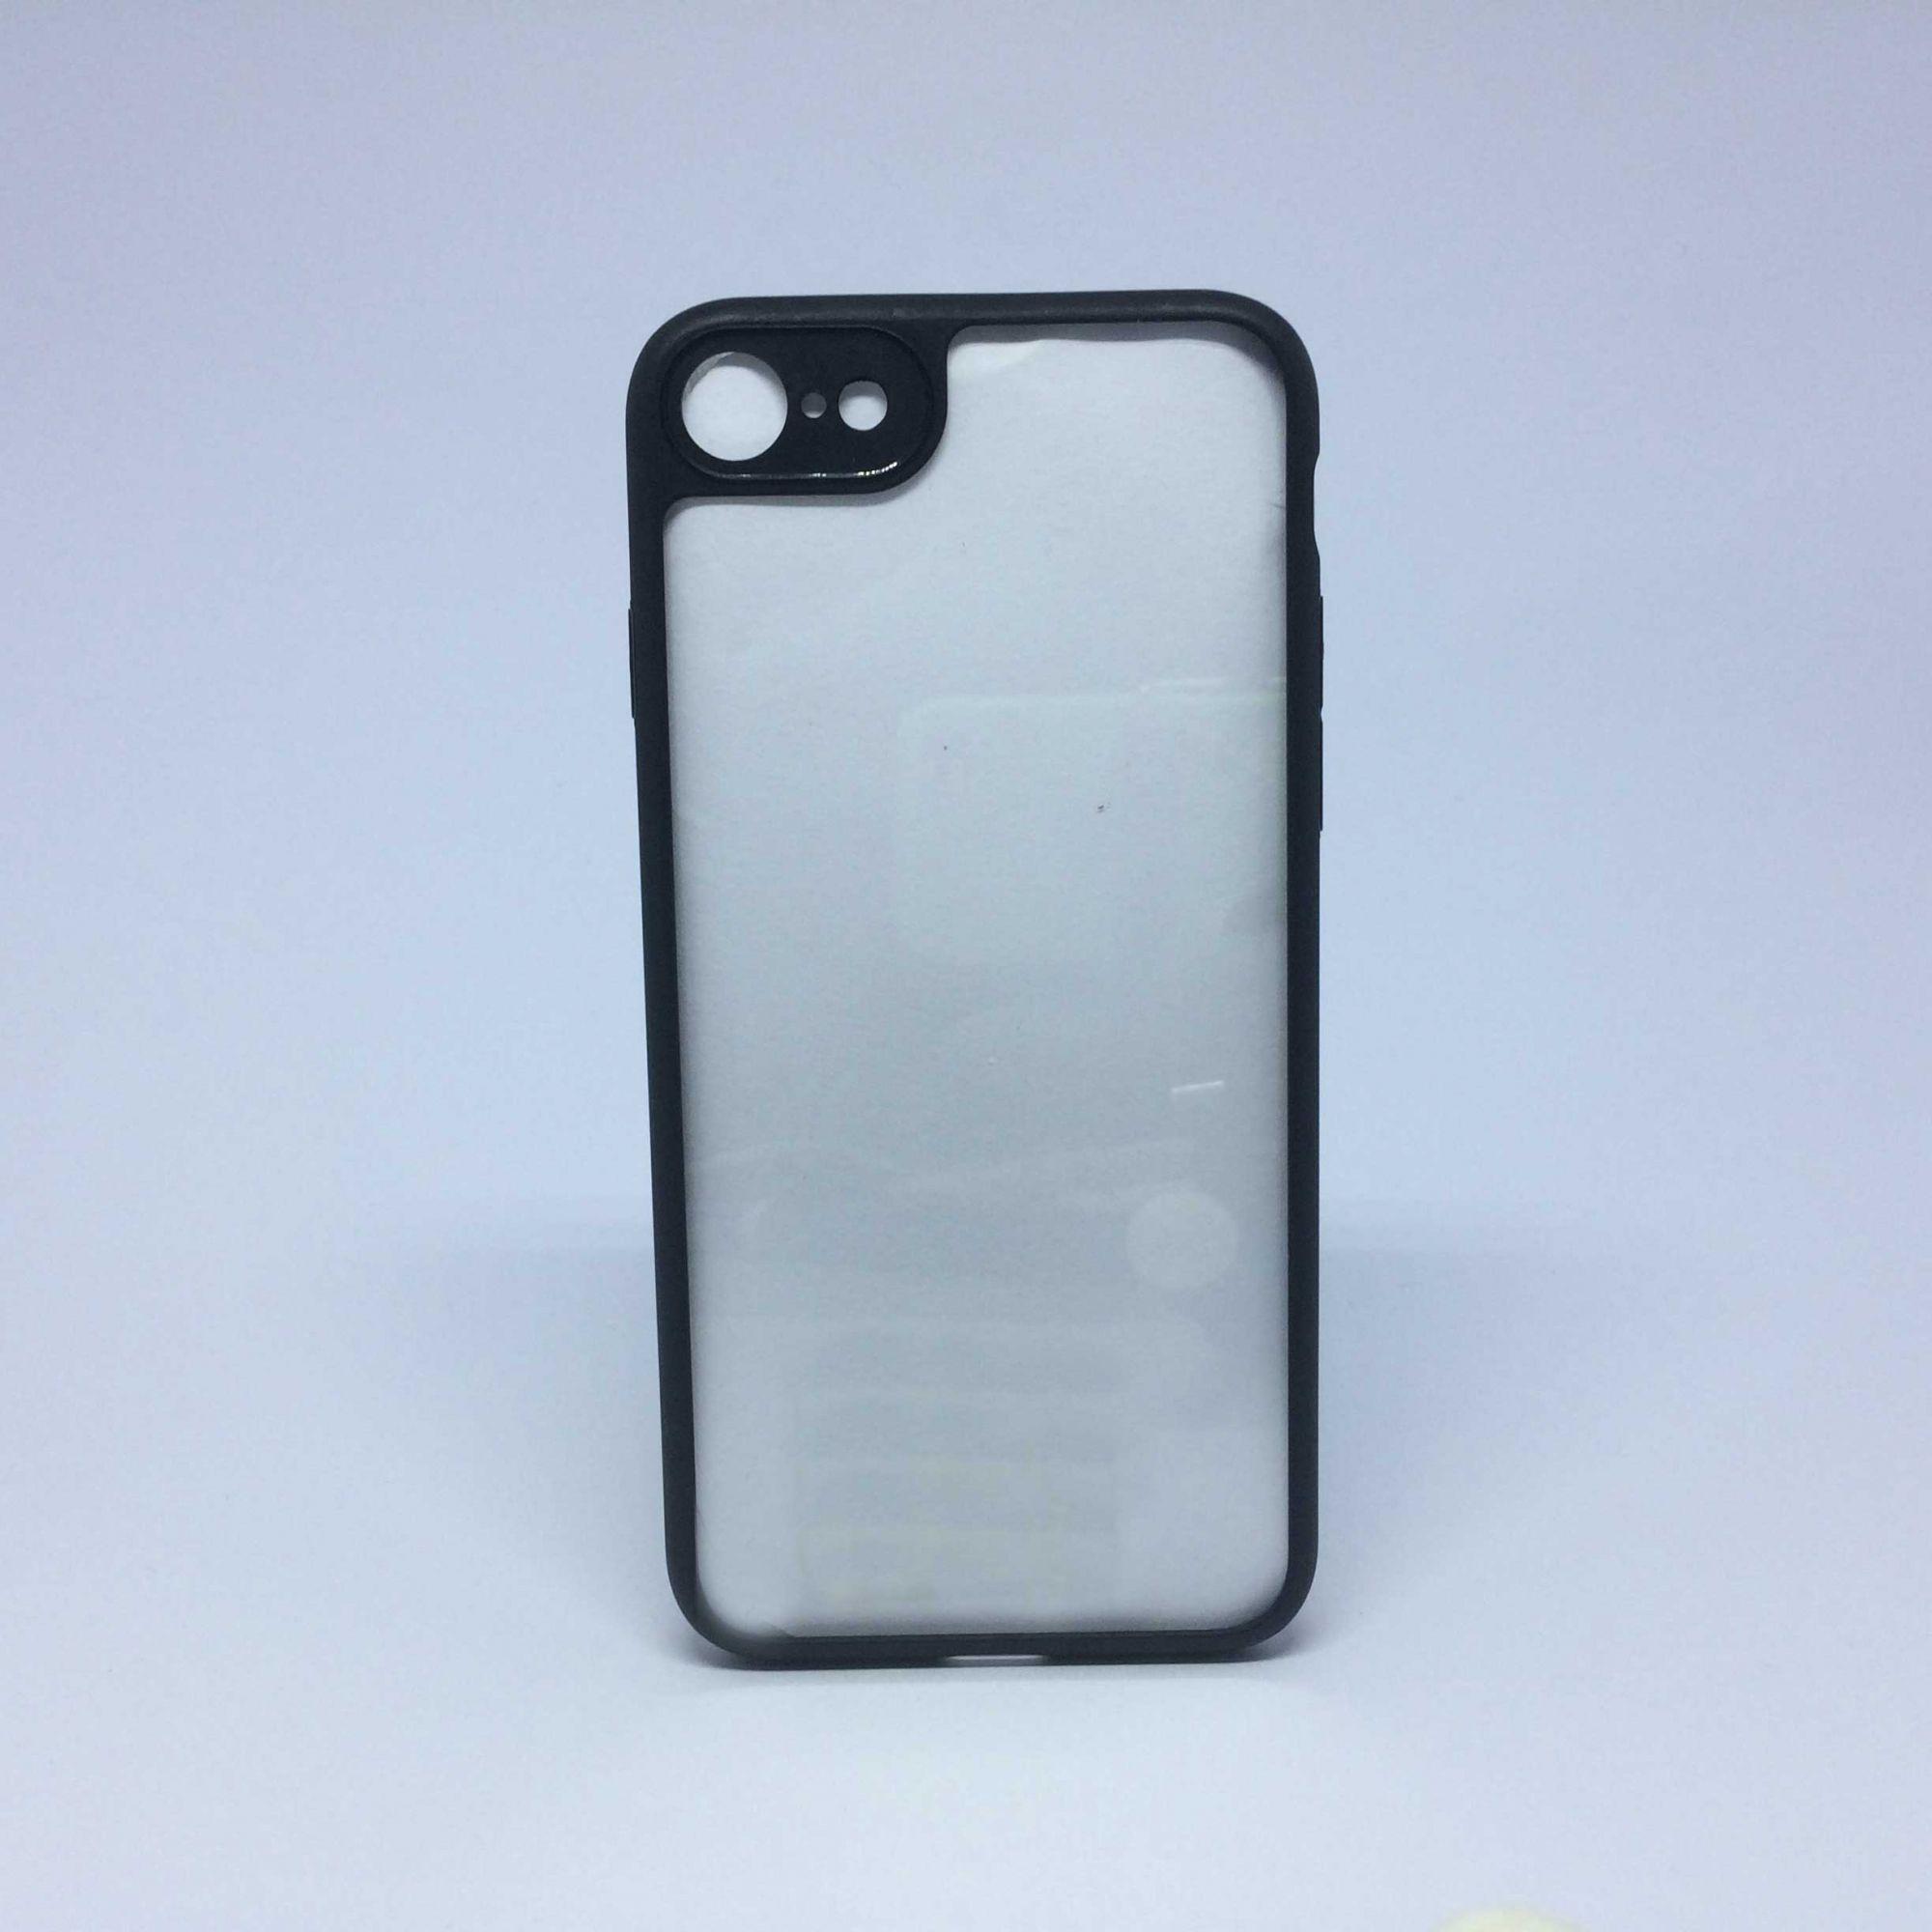 Capa iPhone 7/8 Transparente com Borda Colorida